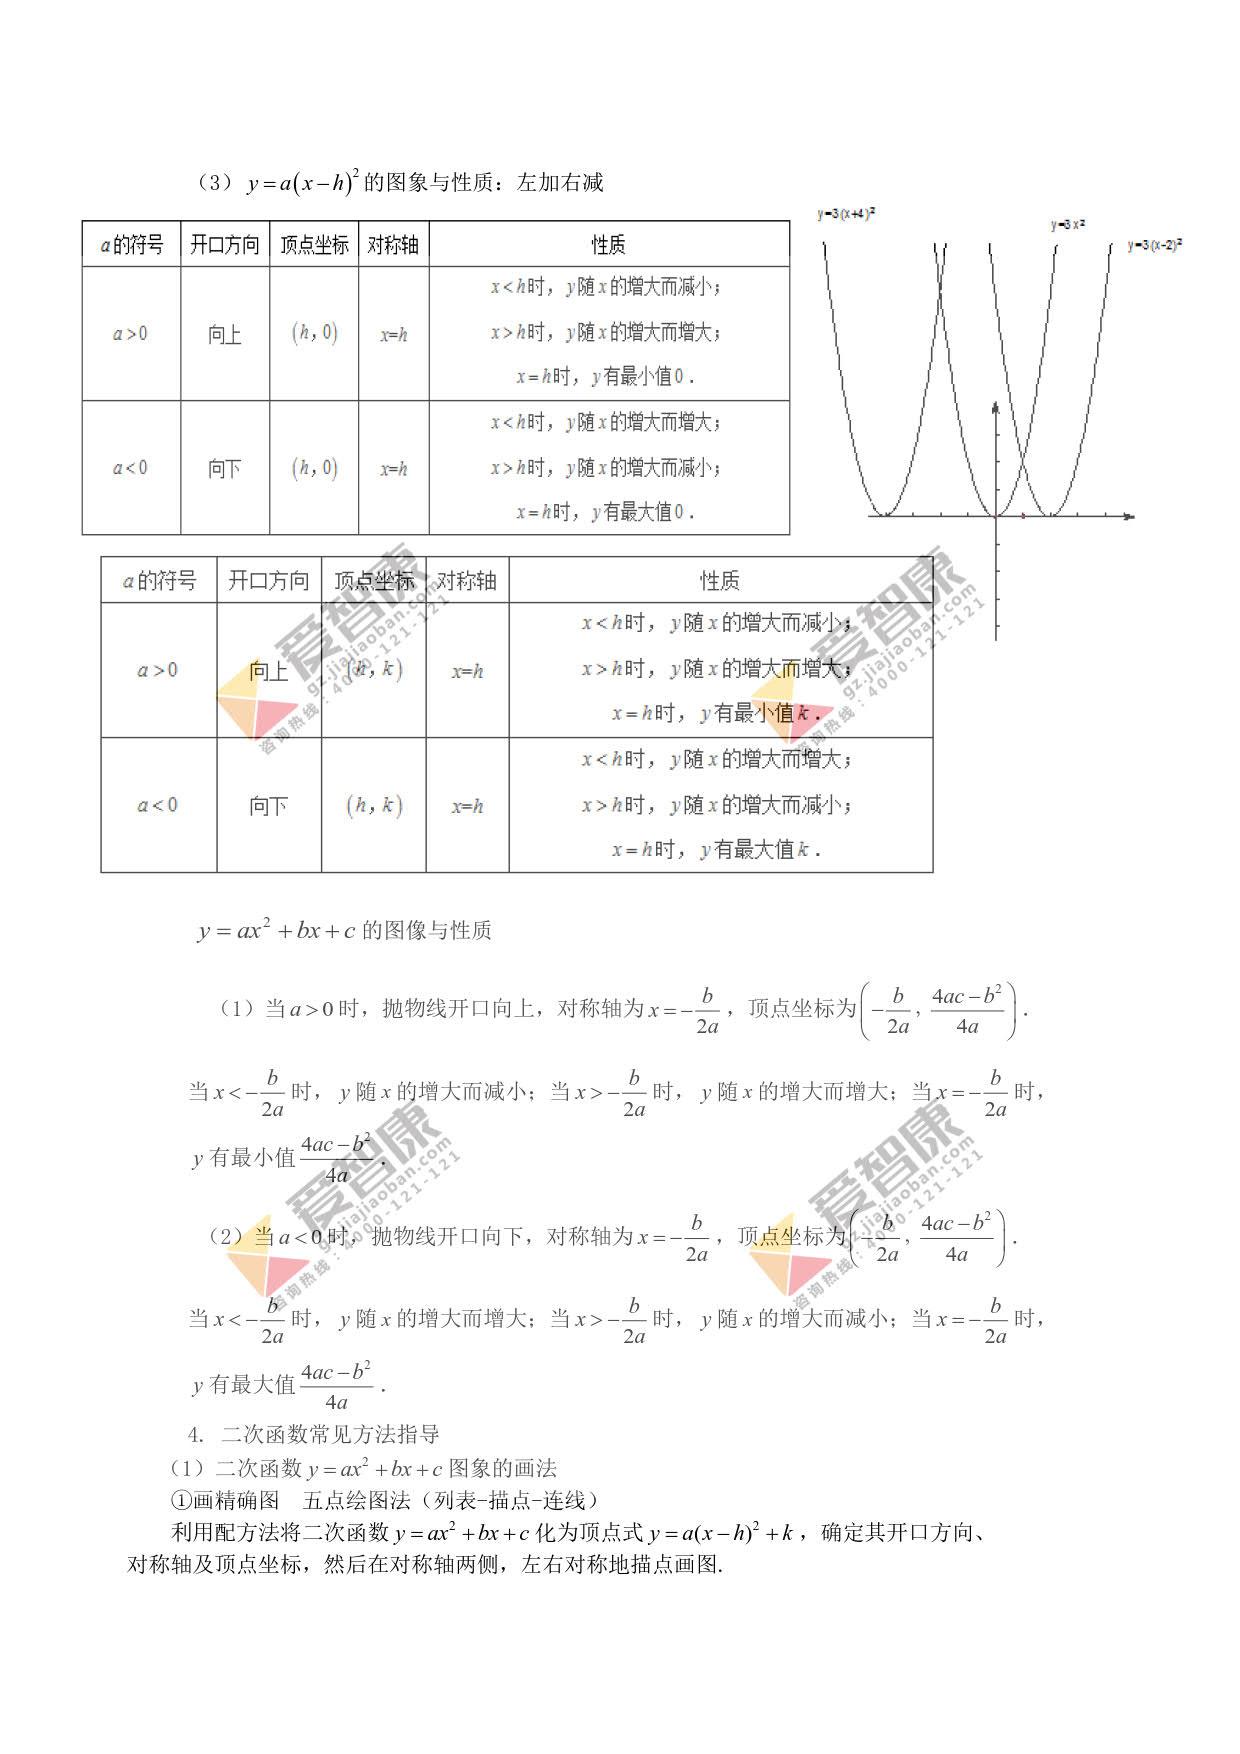 广州初三数学上学期知识点:二次函数